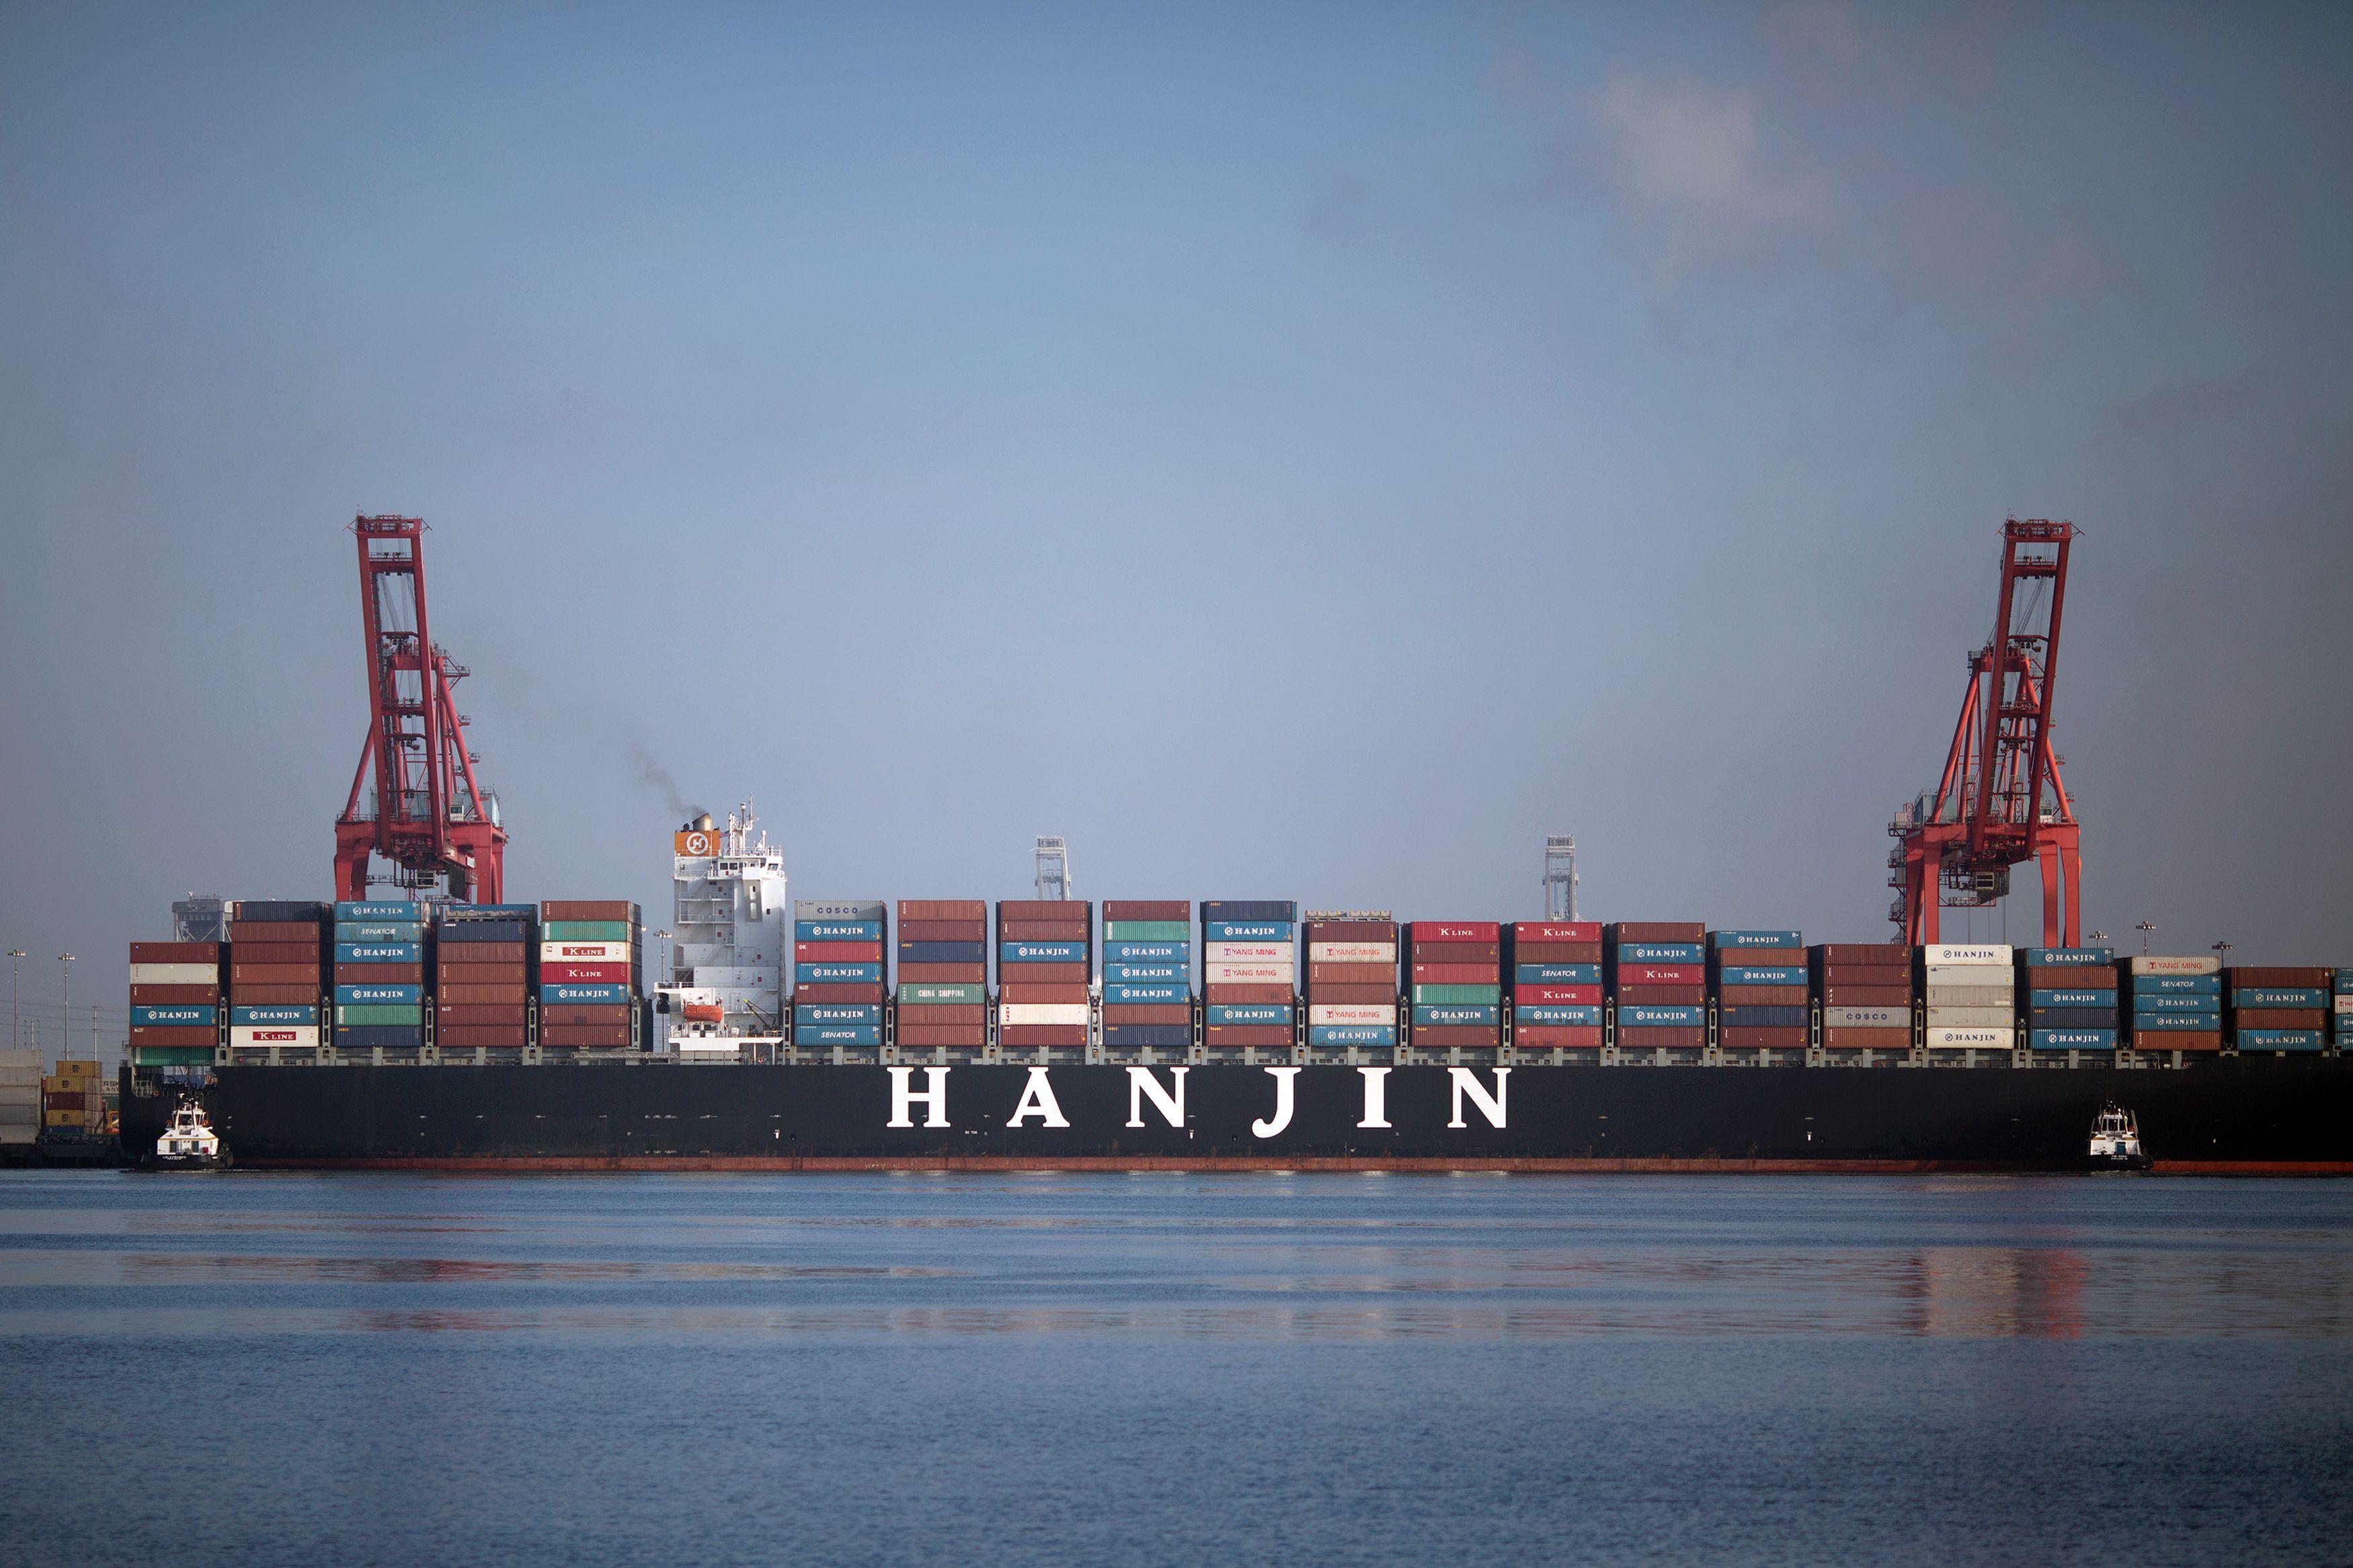 US-SKOREA-SHIPPING-HANJIN